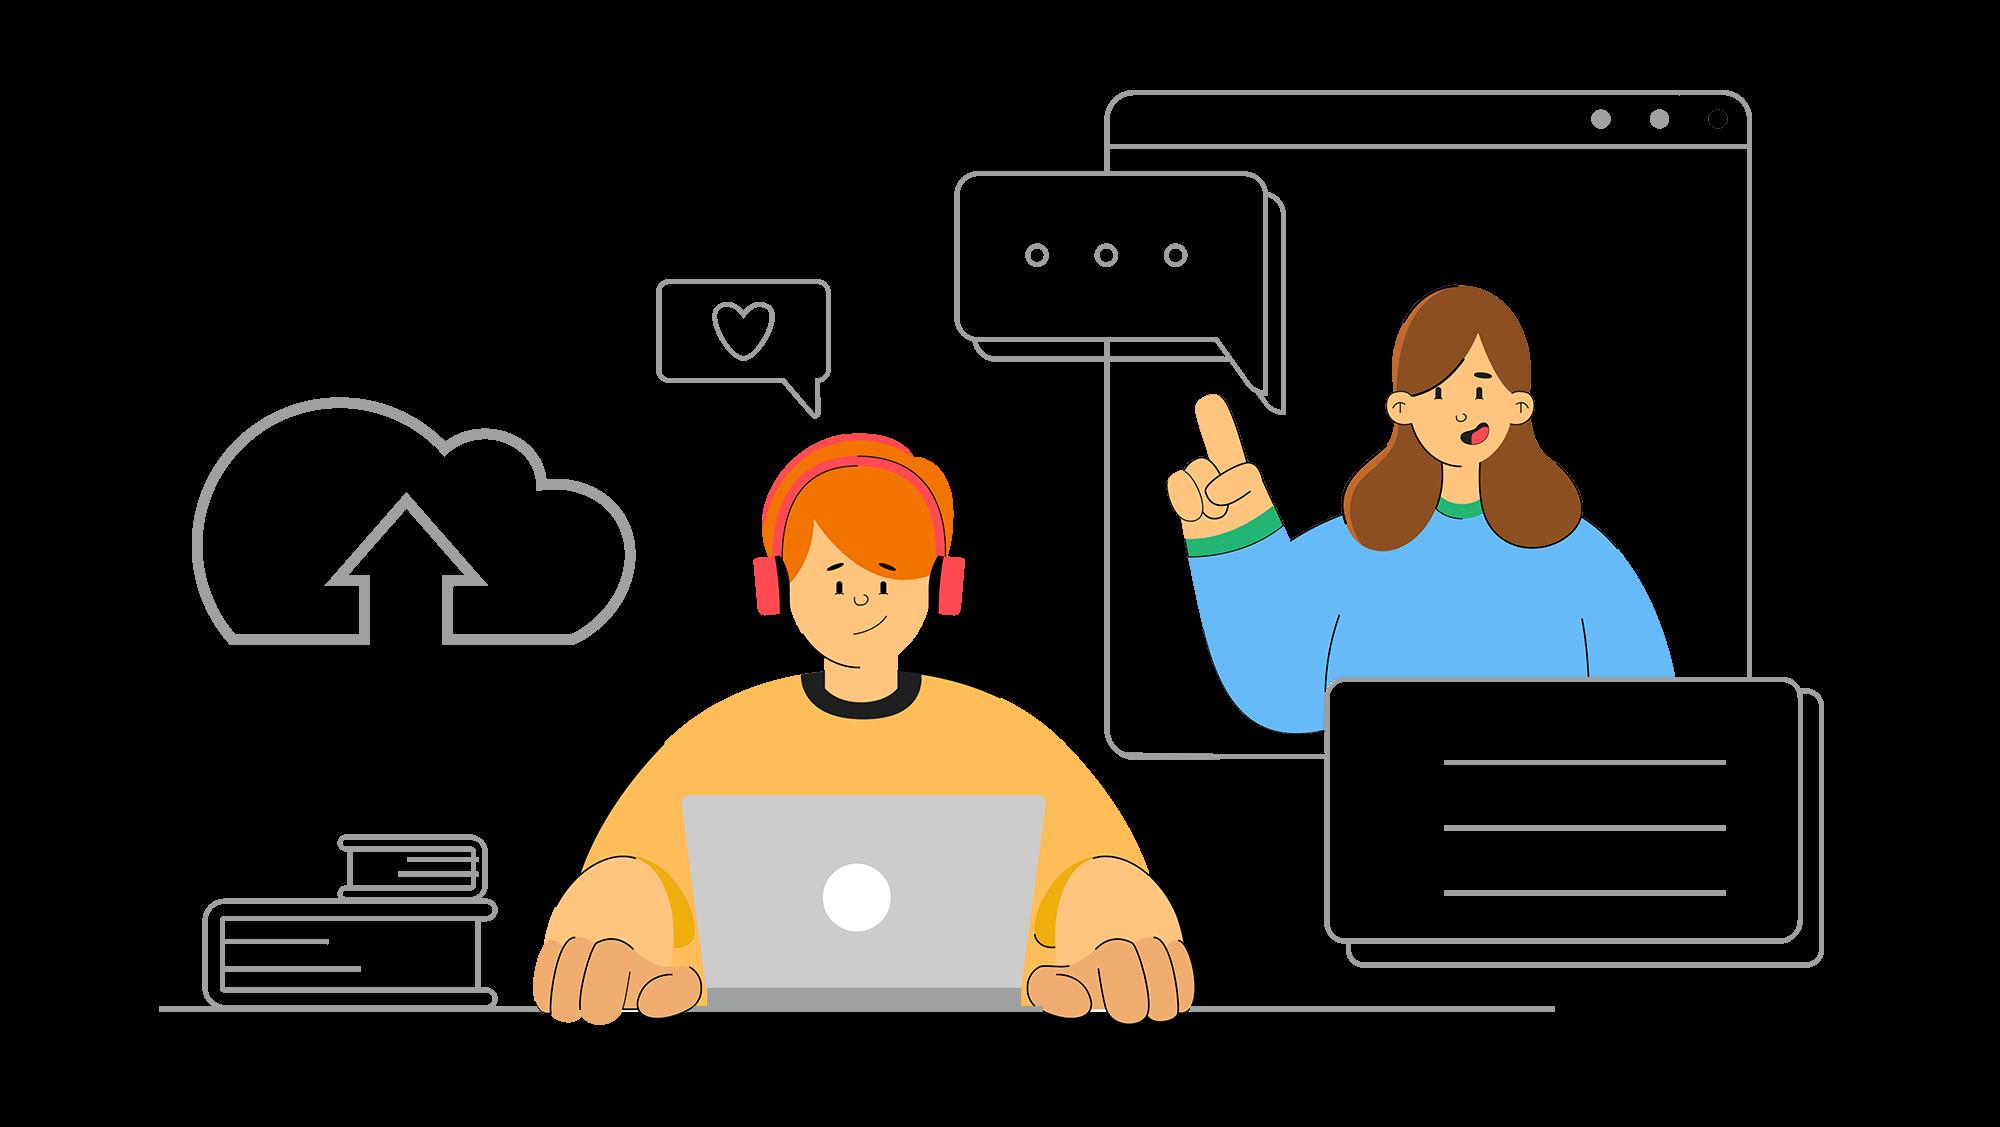 Illustration de la section Cours en face à face à distance - deux personnes qui communiquent via un ordinateur portable